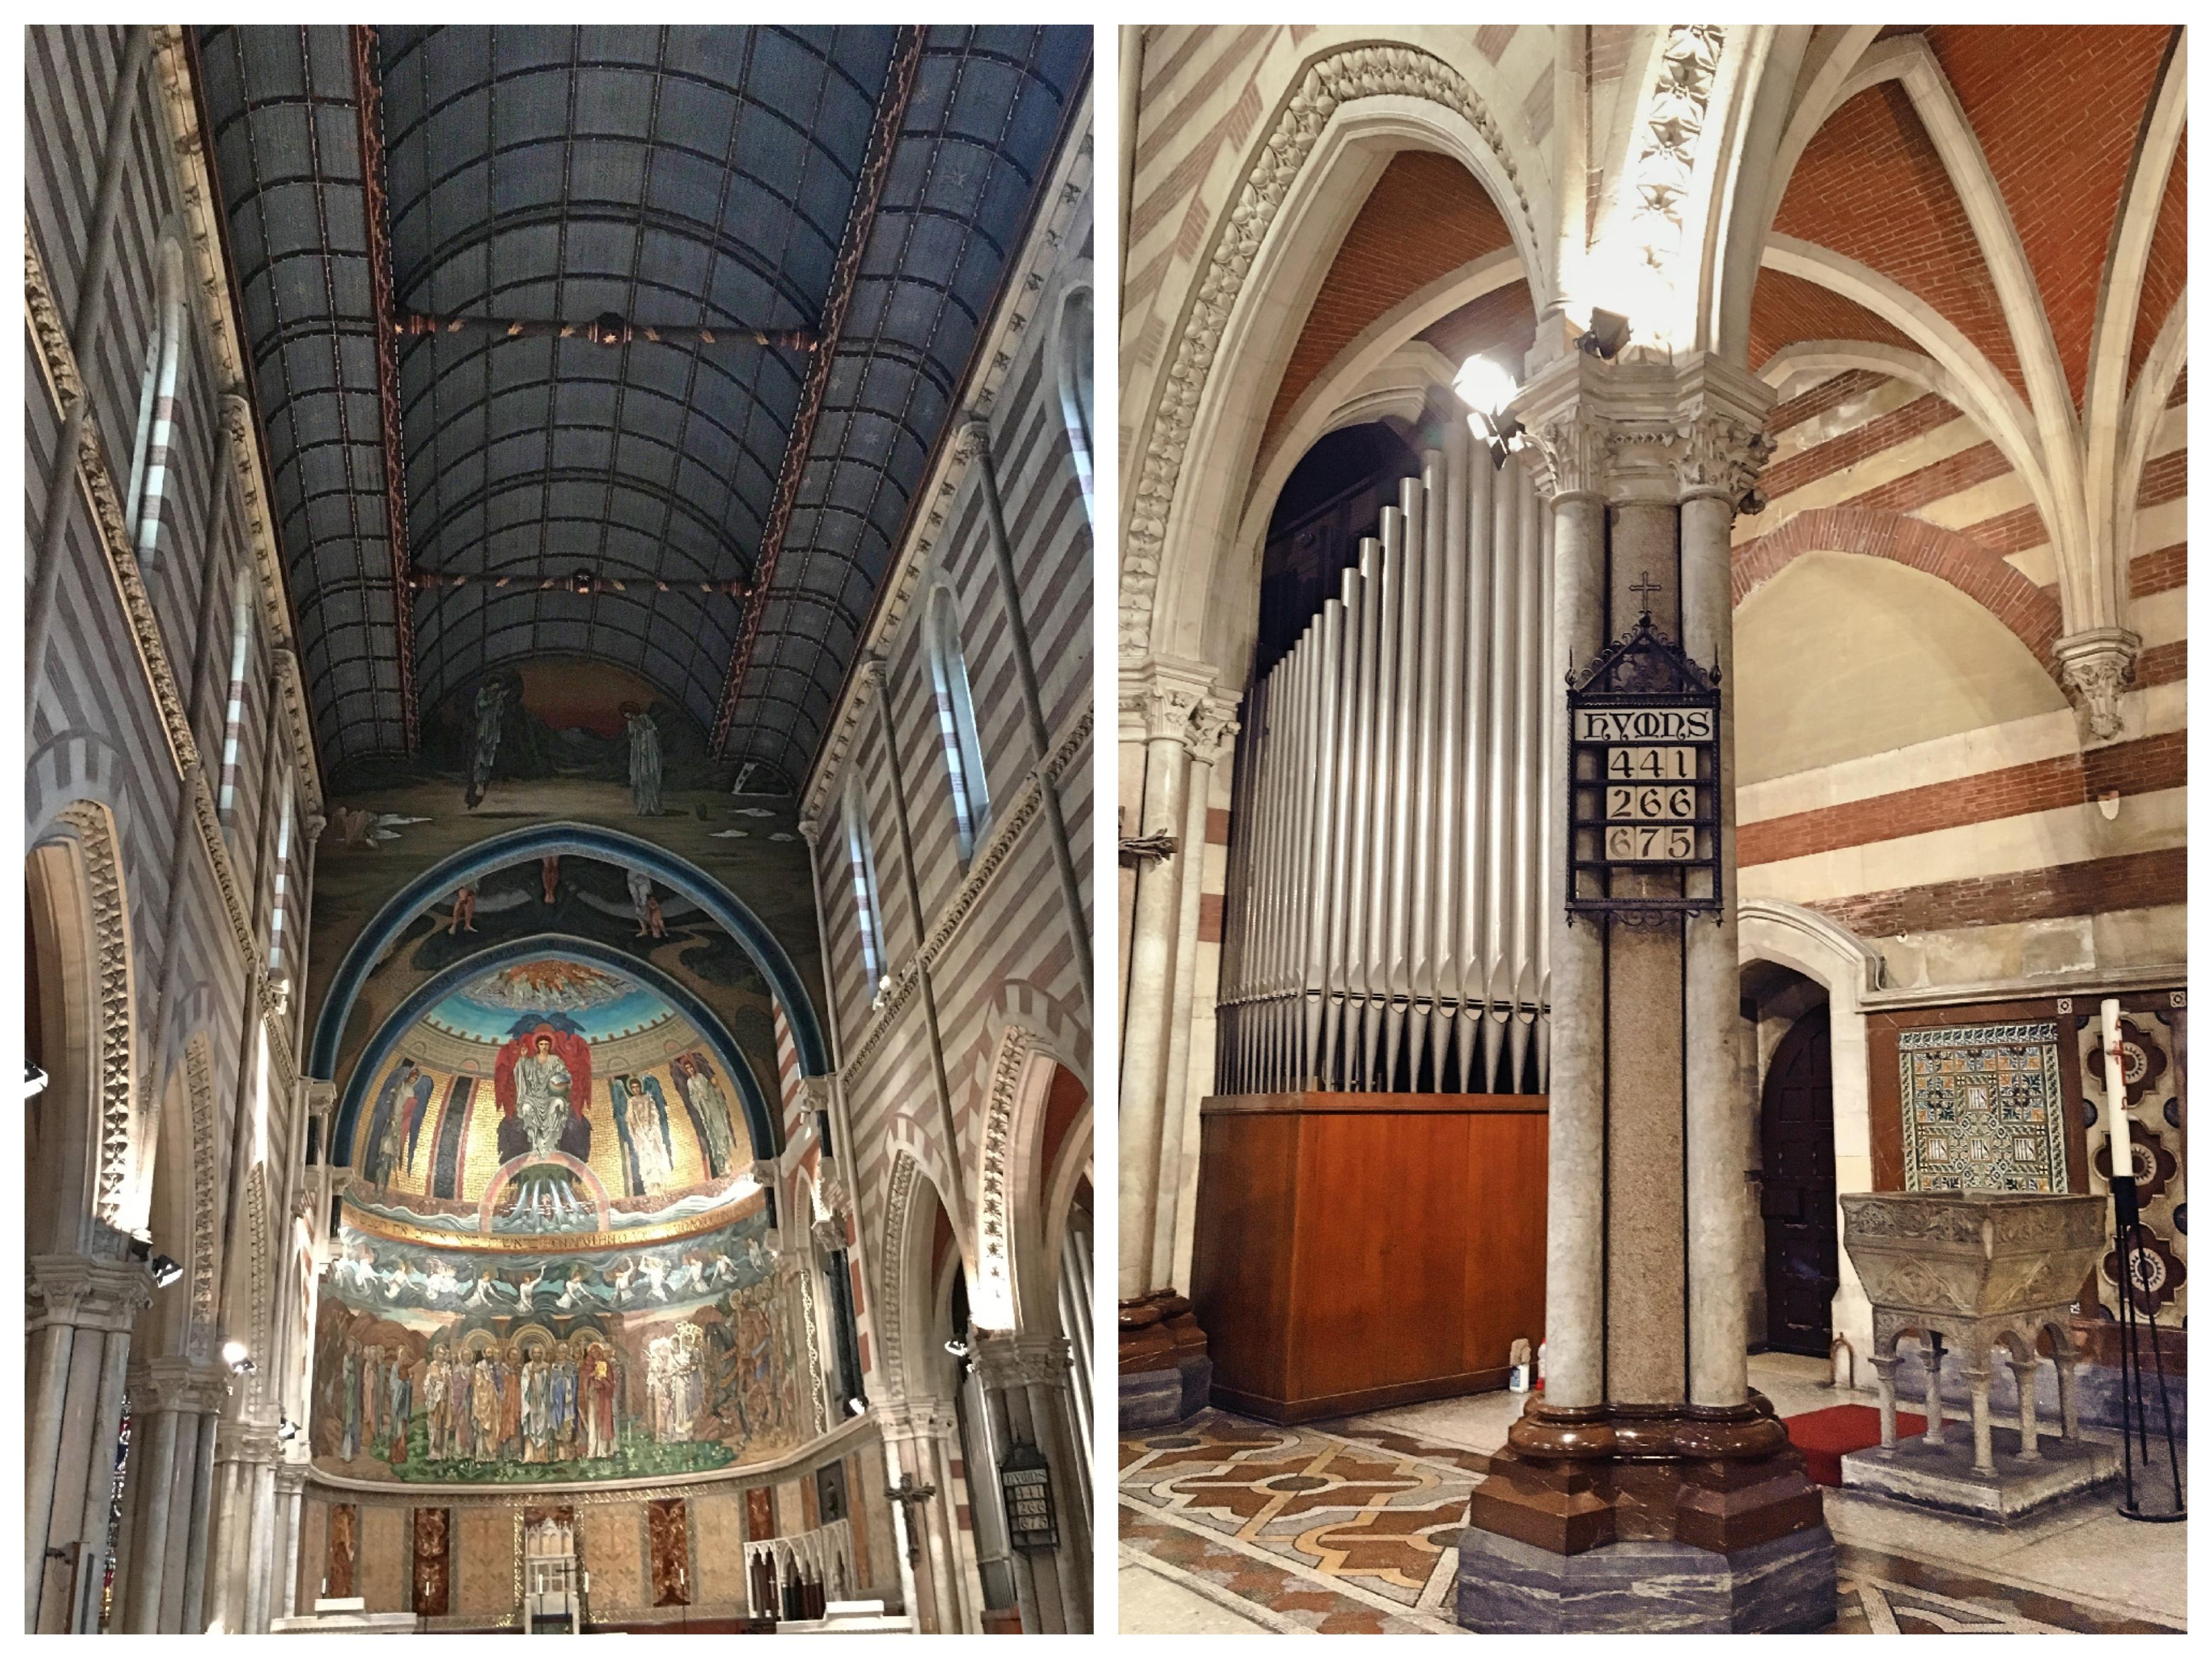 セント・ポールズ教会 画像6